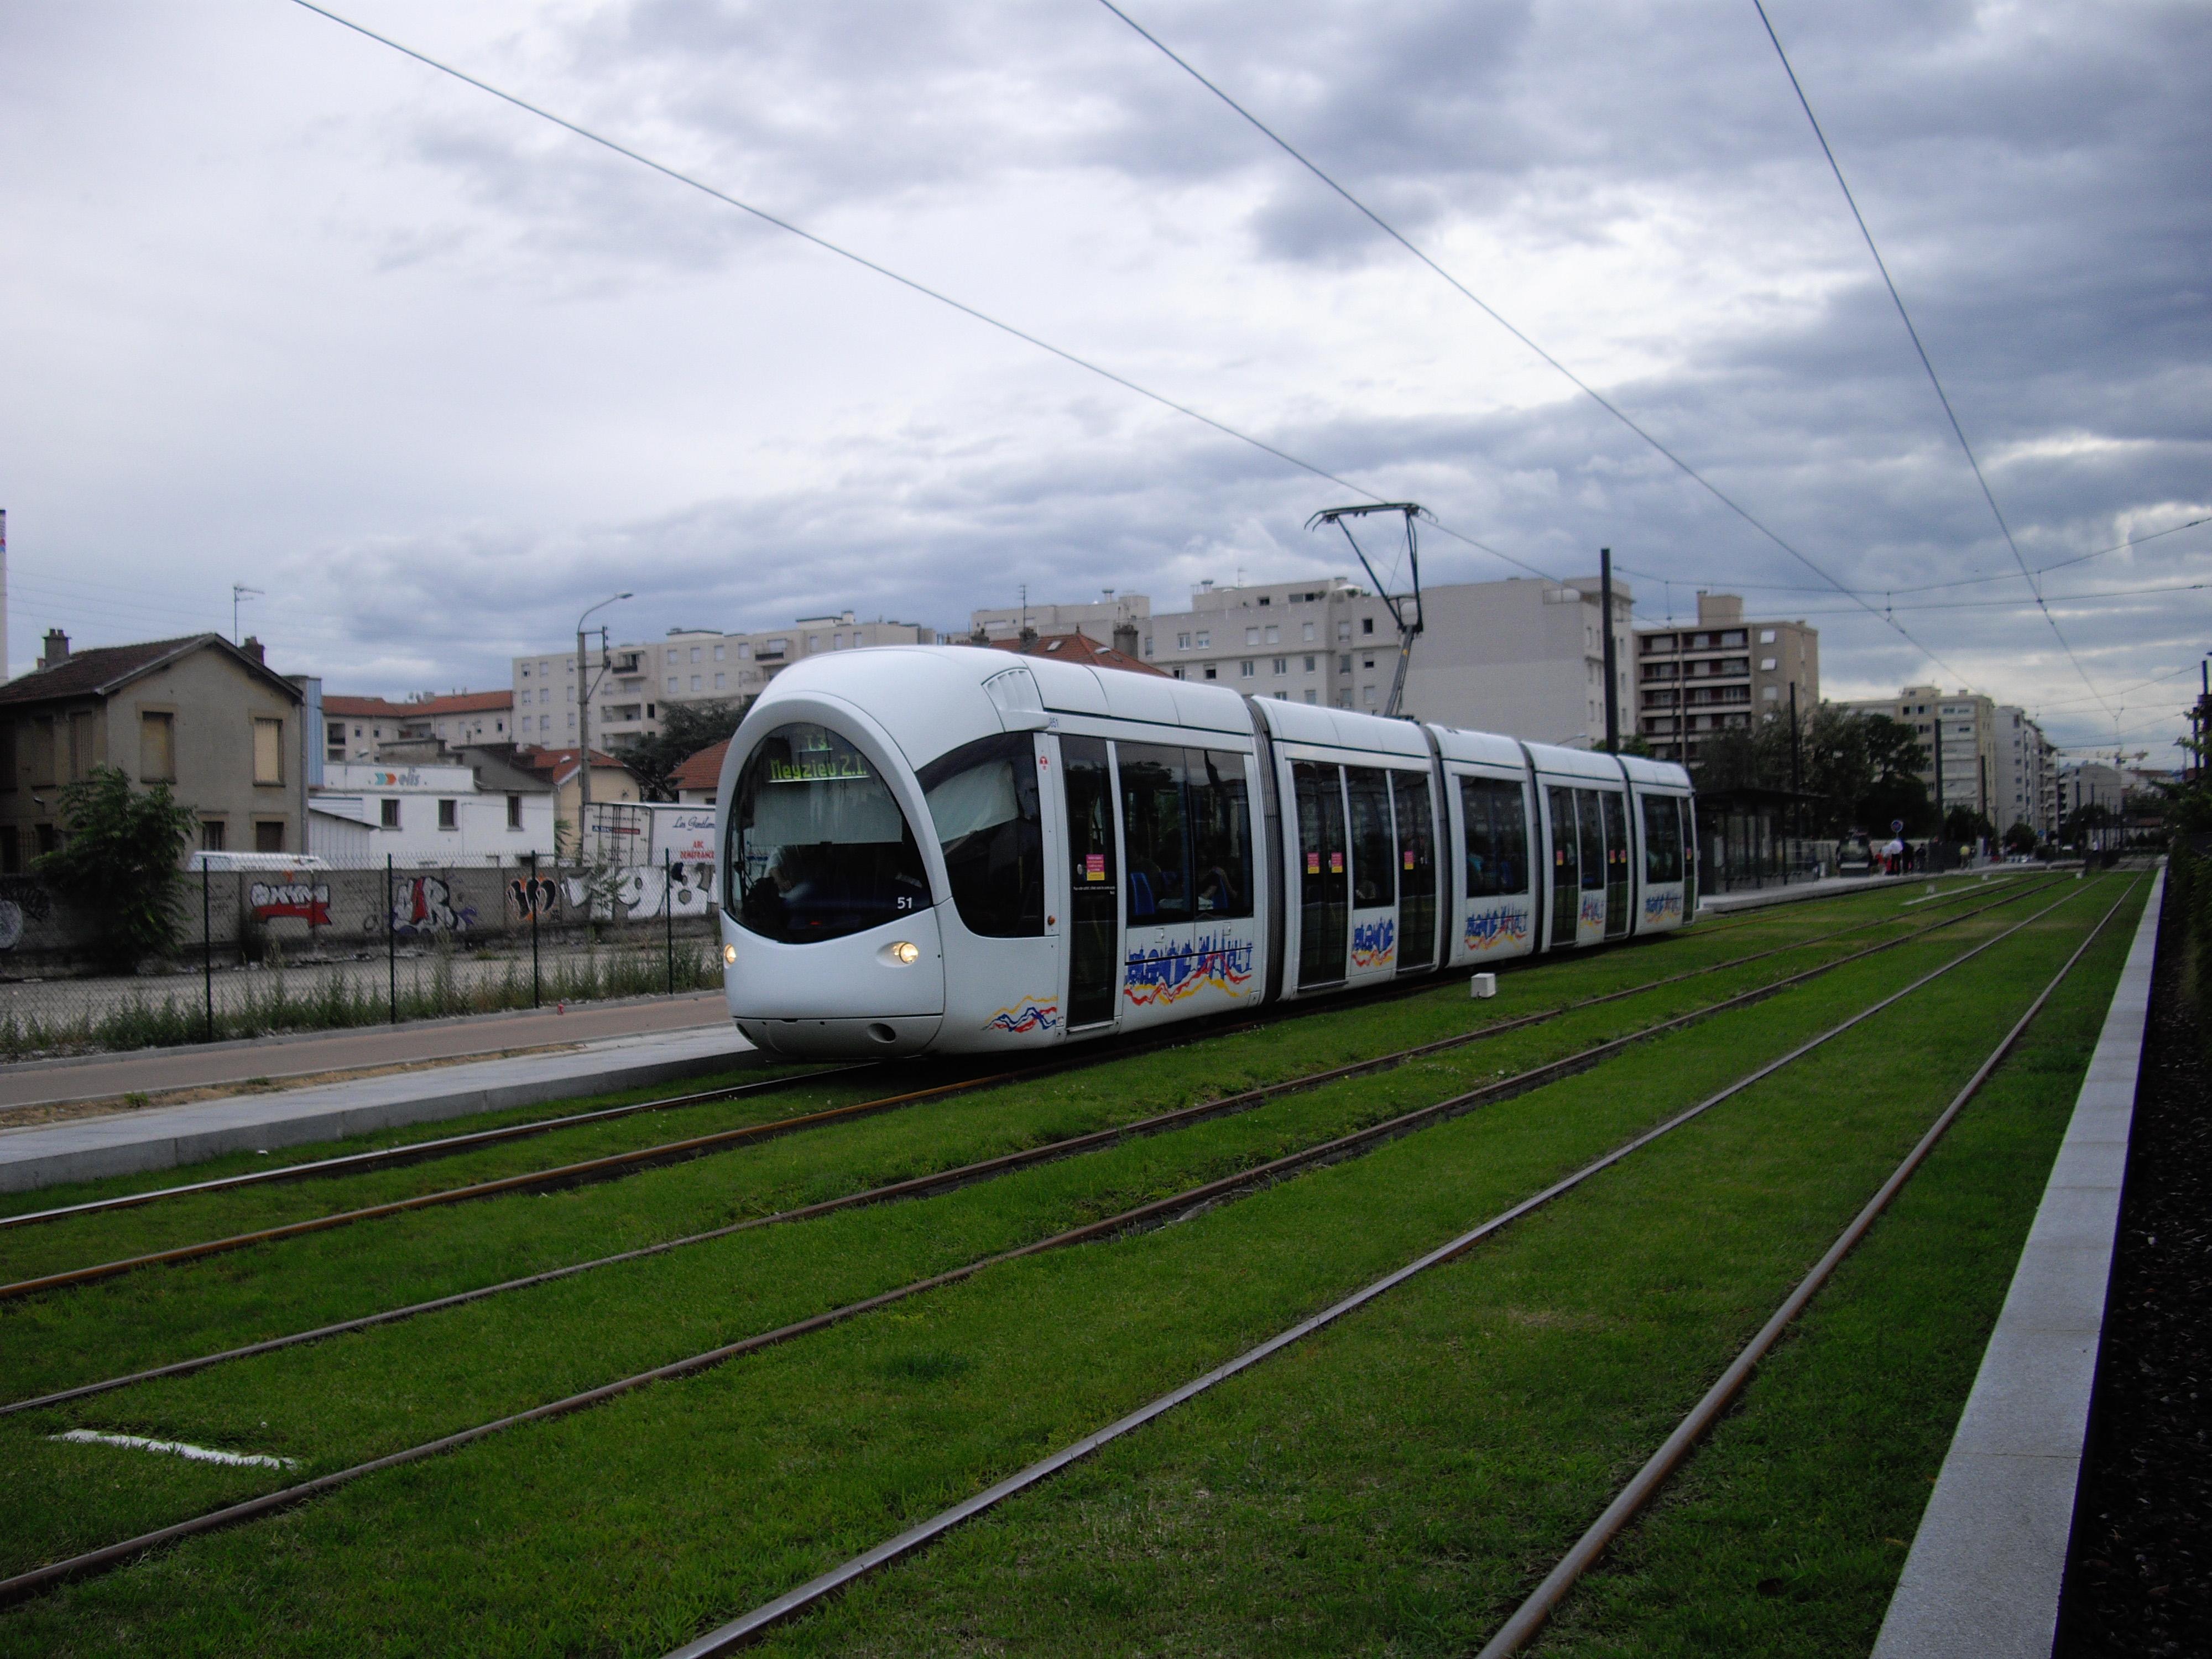 File alstom citadis 302 tramway de lyon ligne t3 station gare de villeurbanne jpg - Autour de la piscine photo villeurbanne ...